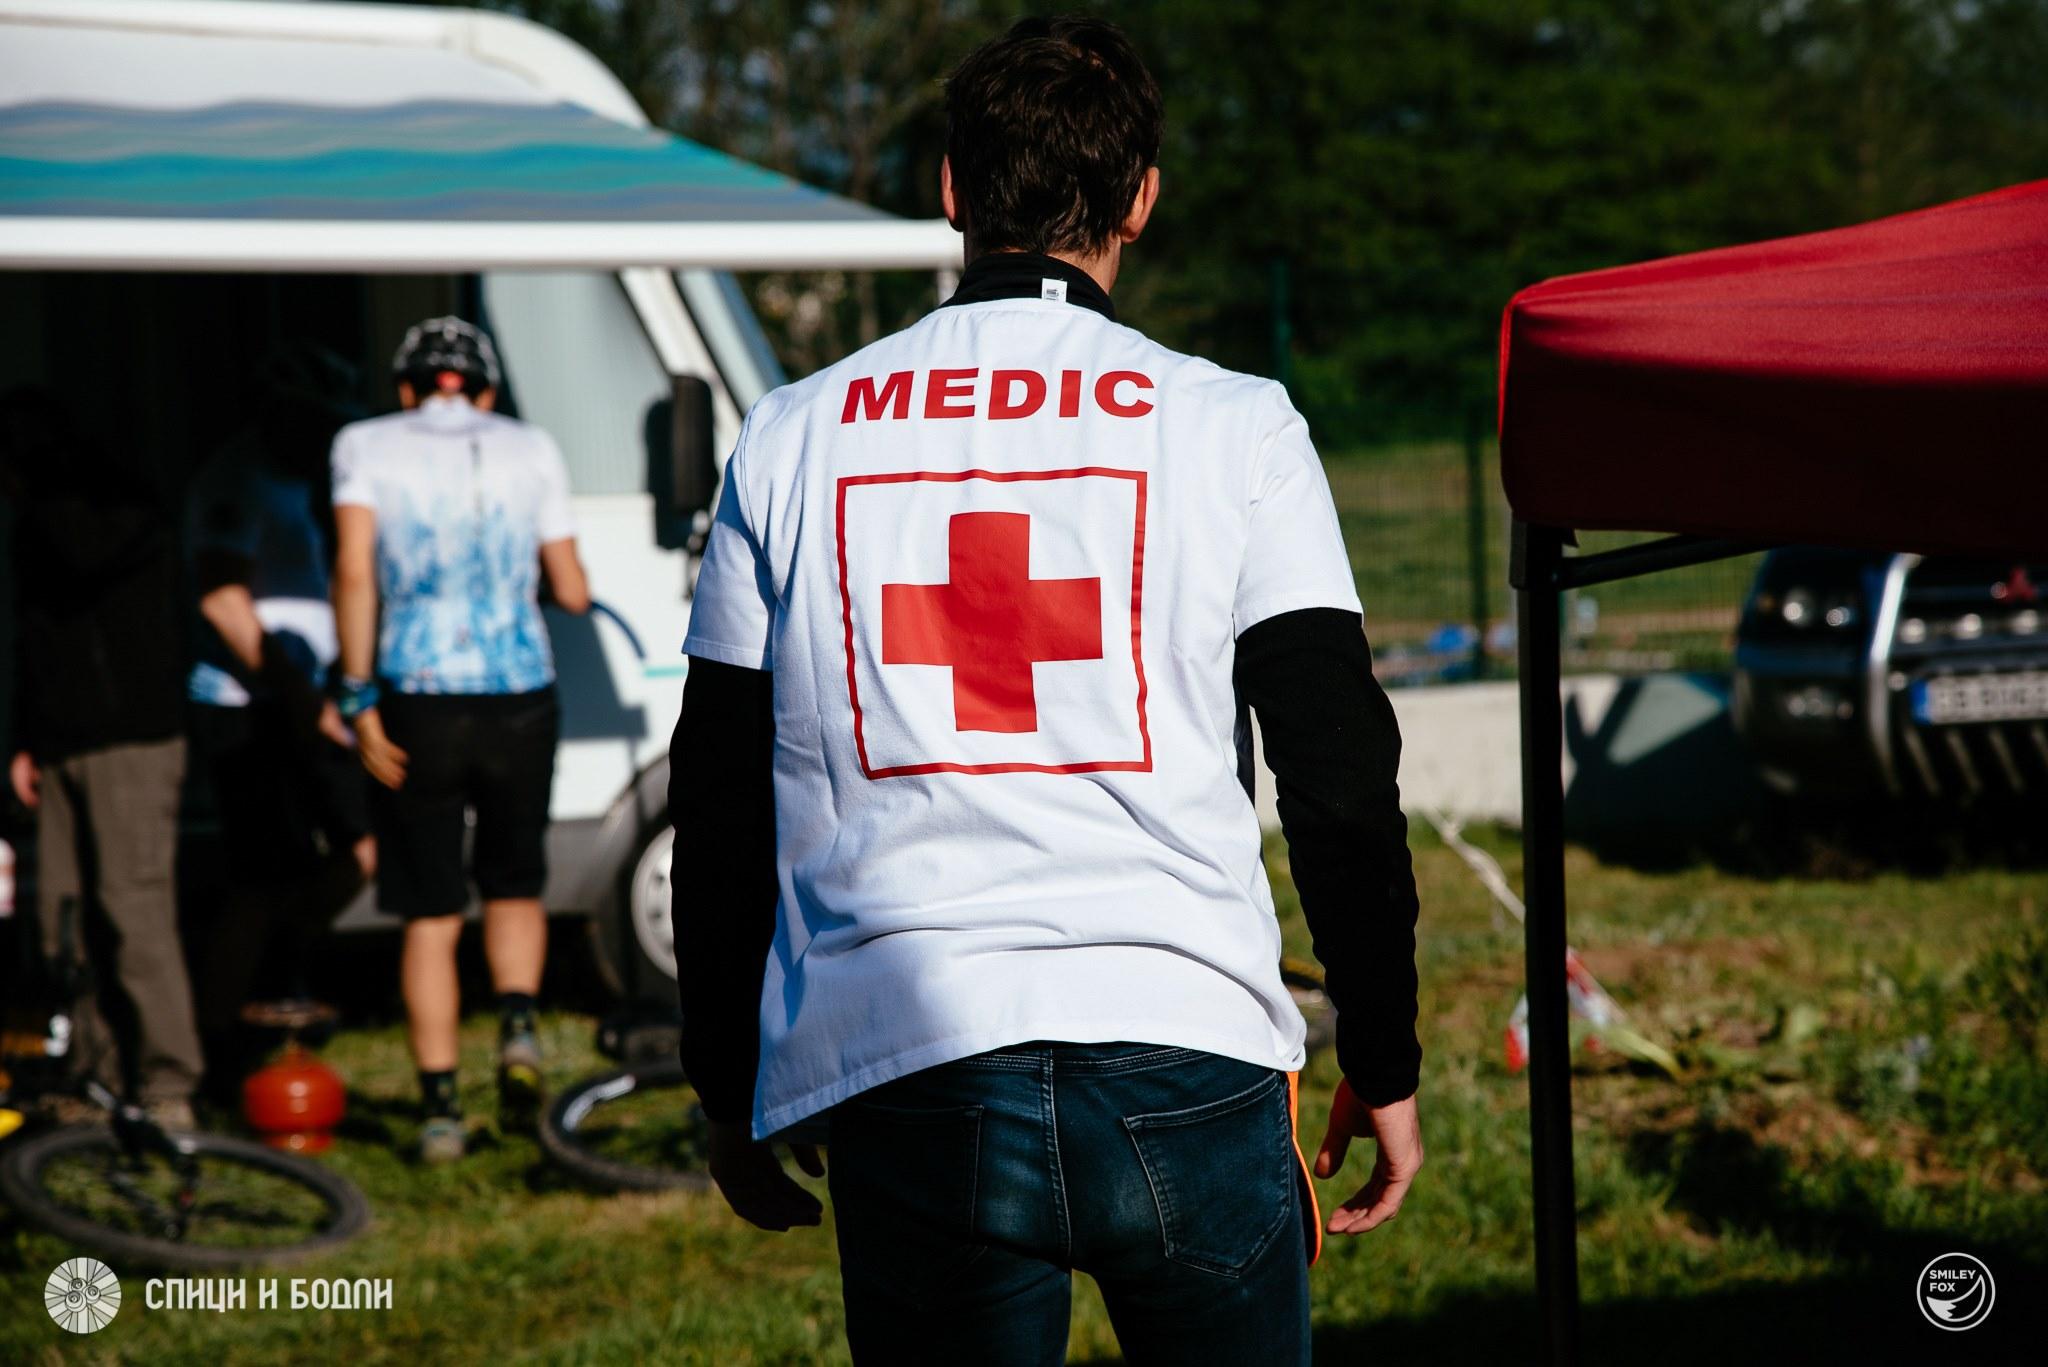 Академия Първа Помощ Медицинско осигуряване на събития медицинско осигуряване